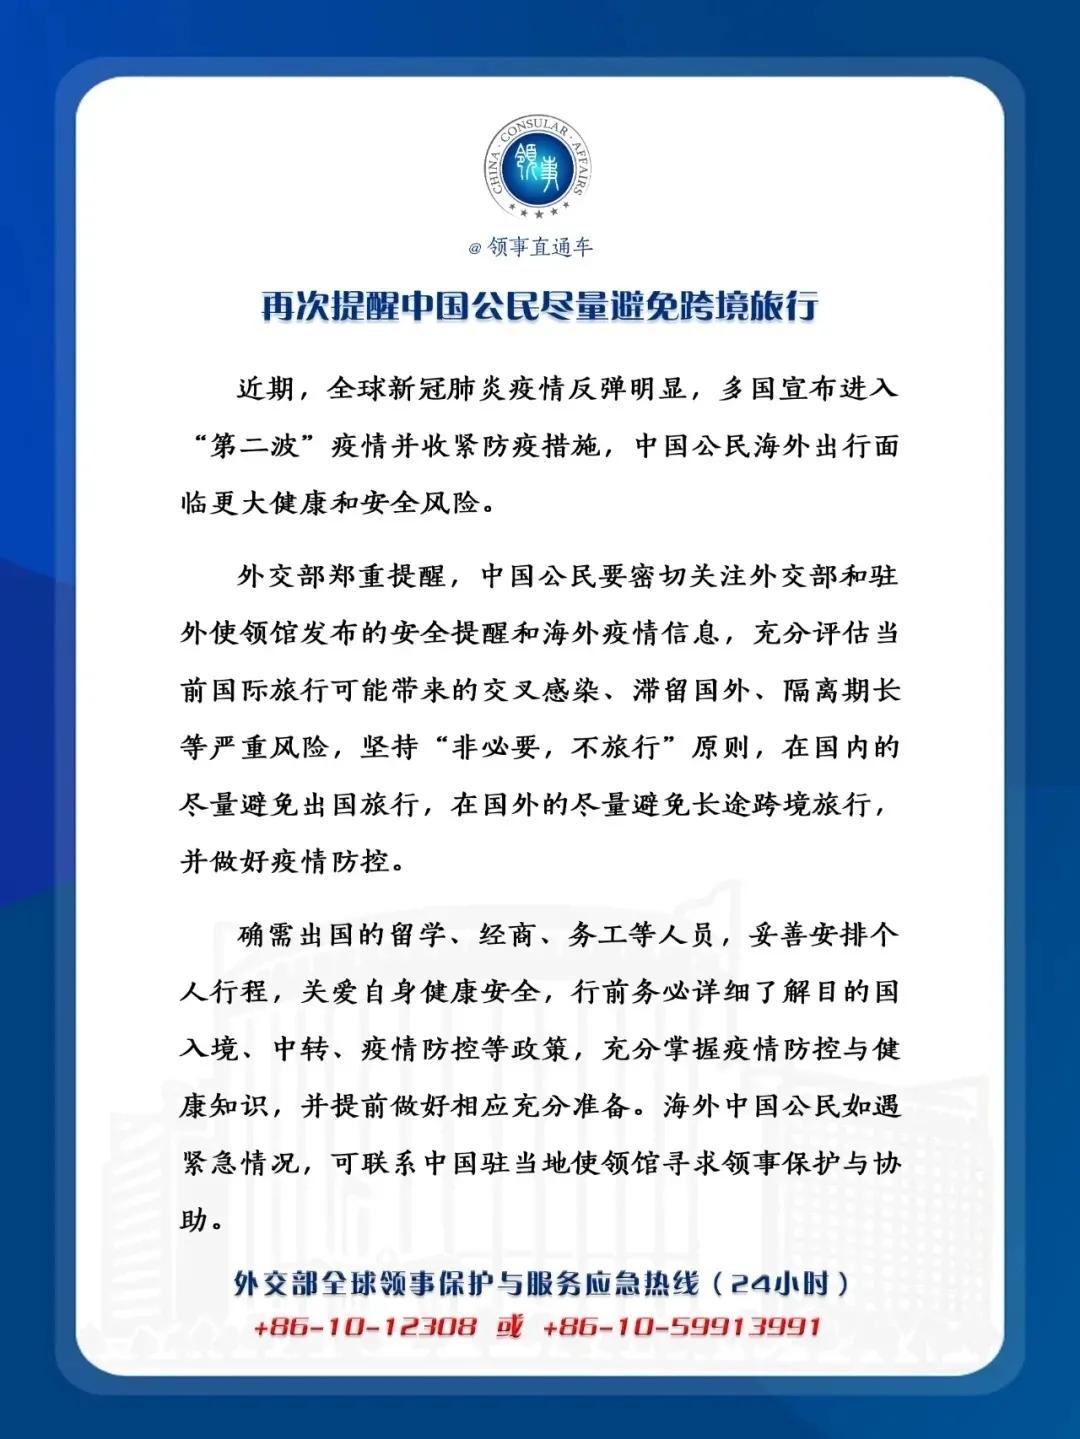 驻日大使馆通知:11月中日航班信息